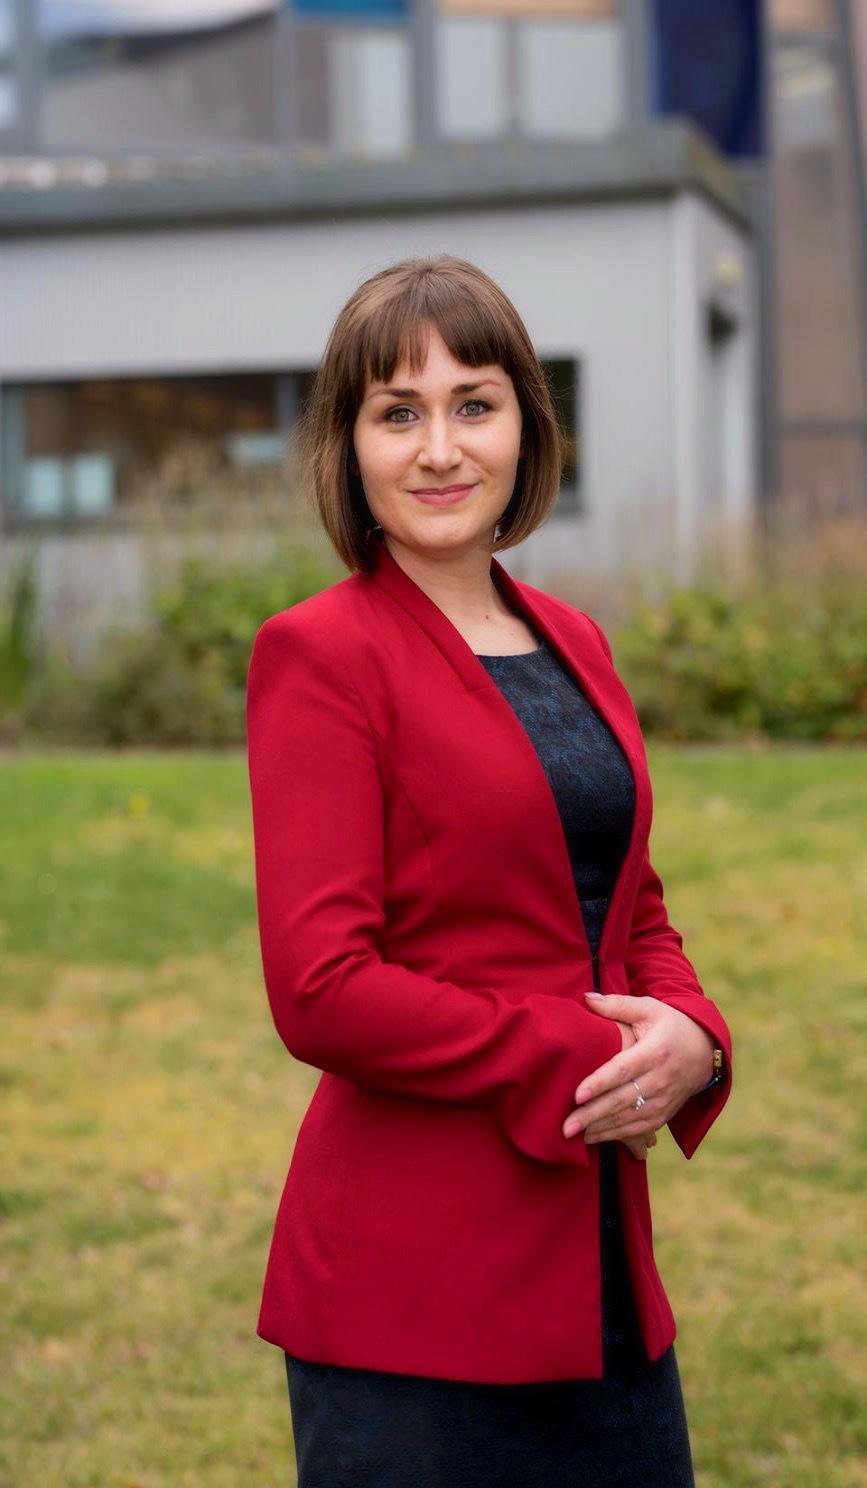 Natalya Radko